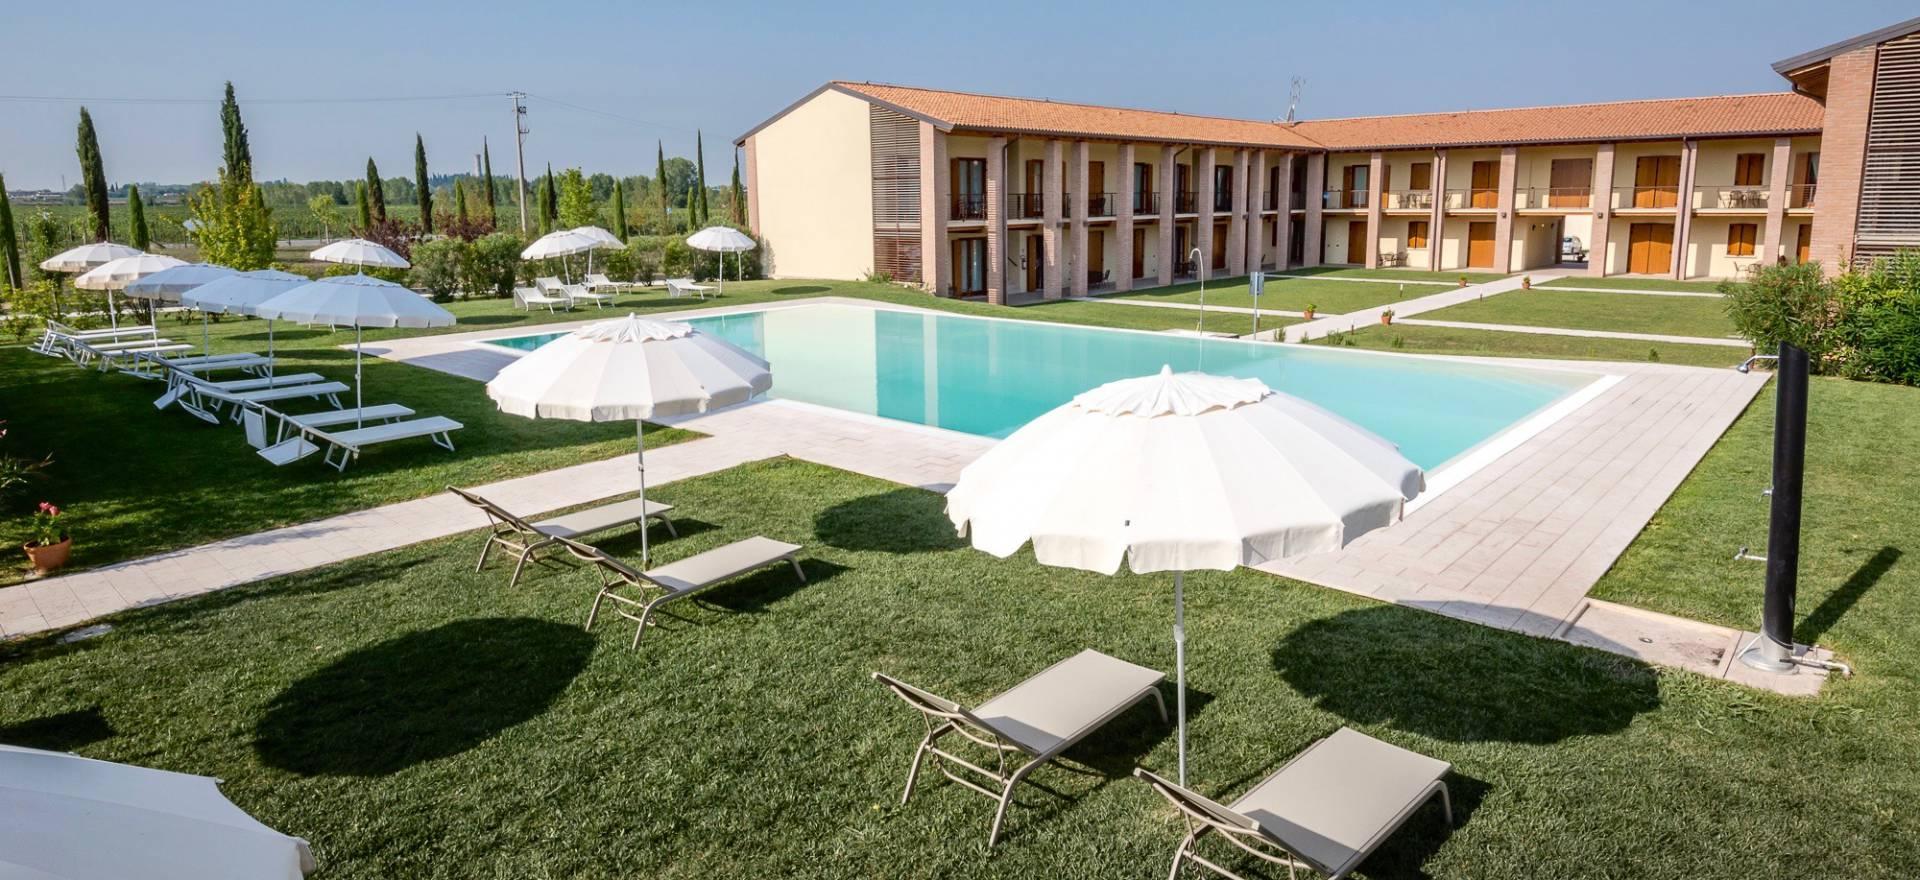 Agriturismo Comer See und Gardasee Agriturismo Gardasee, mit großem Pool, ideal für Familien